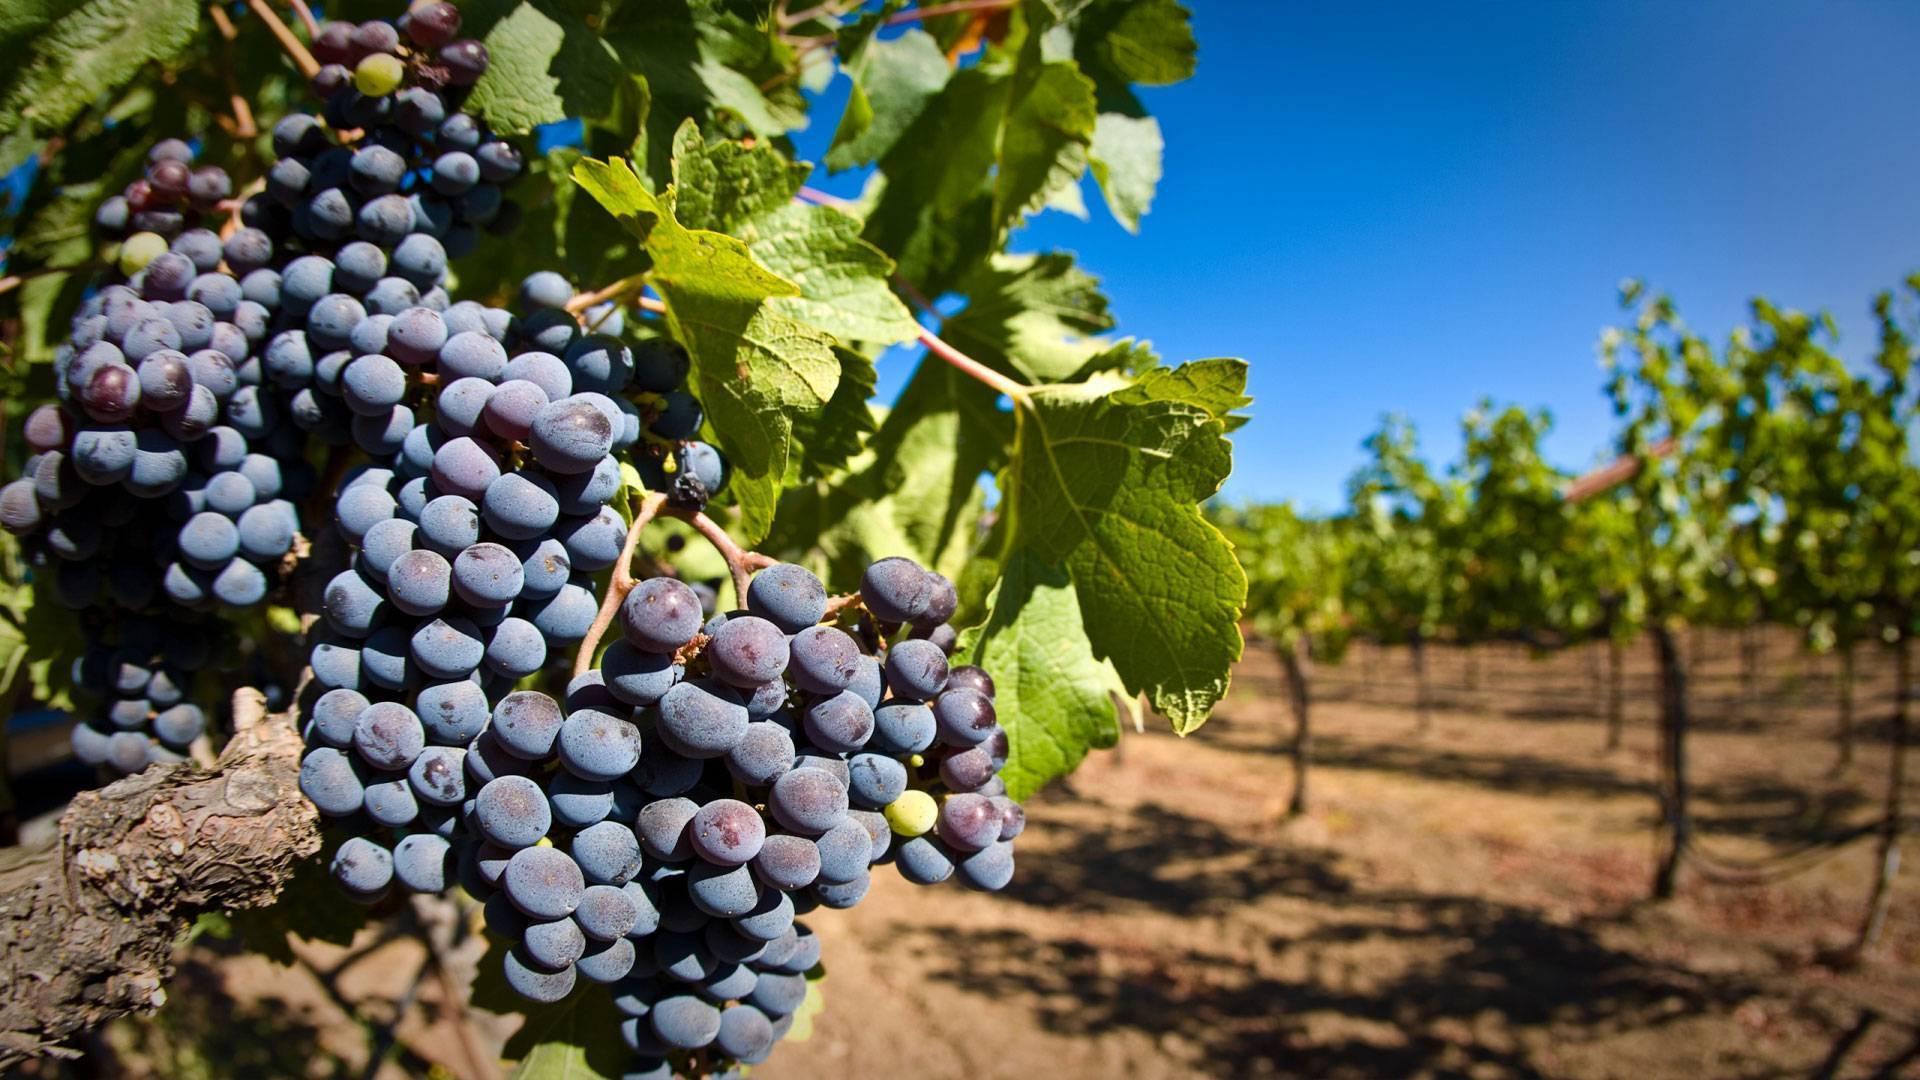 Вкусный и здоровый виноград: как, чем и когда подкармливать?